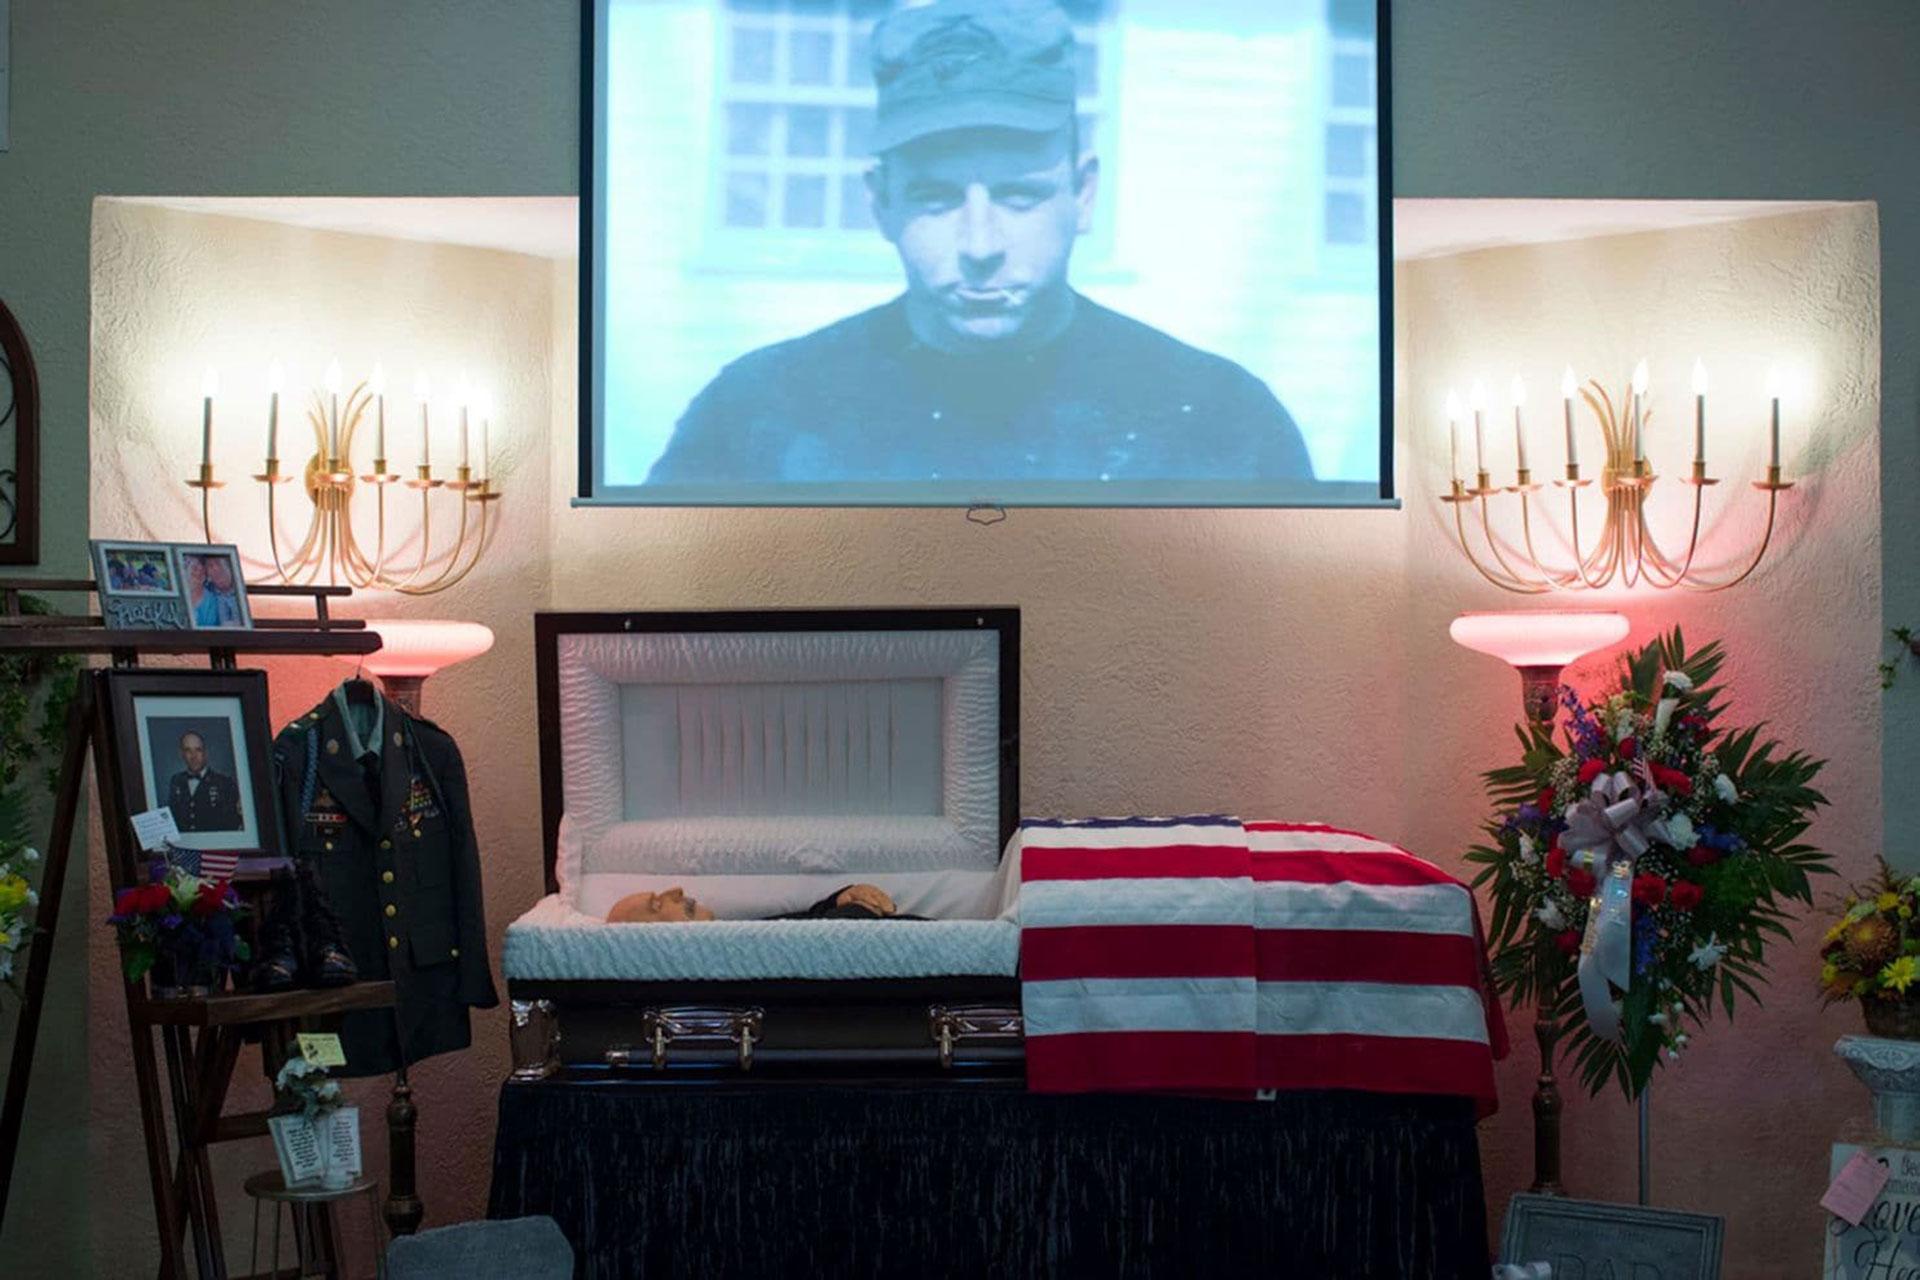 El cuerpo de Raleigh May, de 67 años, se encuentra en un ataúd abierto en la capilla de la Funeraria Craig-Hurtt en Mountain Grove, Missouri, en septiembre (Angus Mordant/The Washington Post)